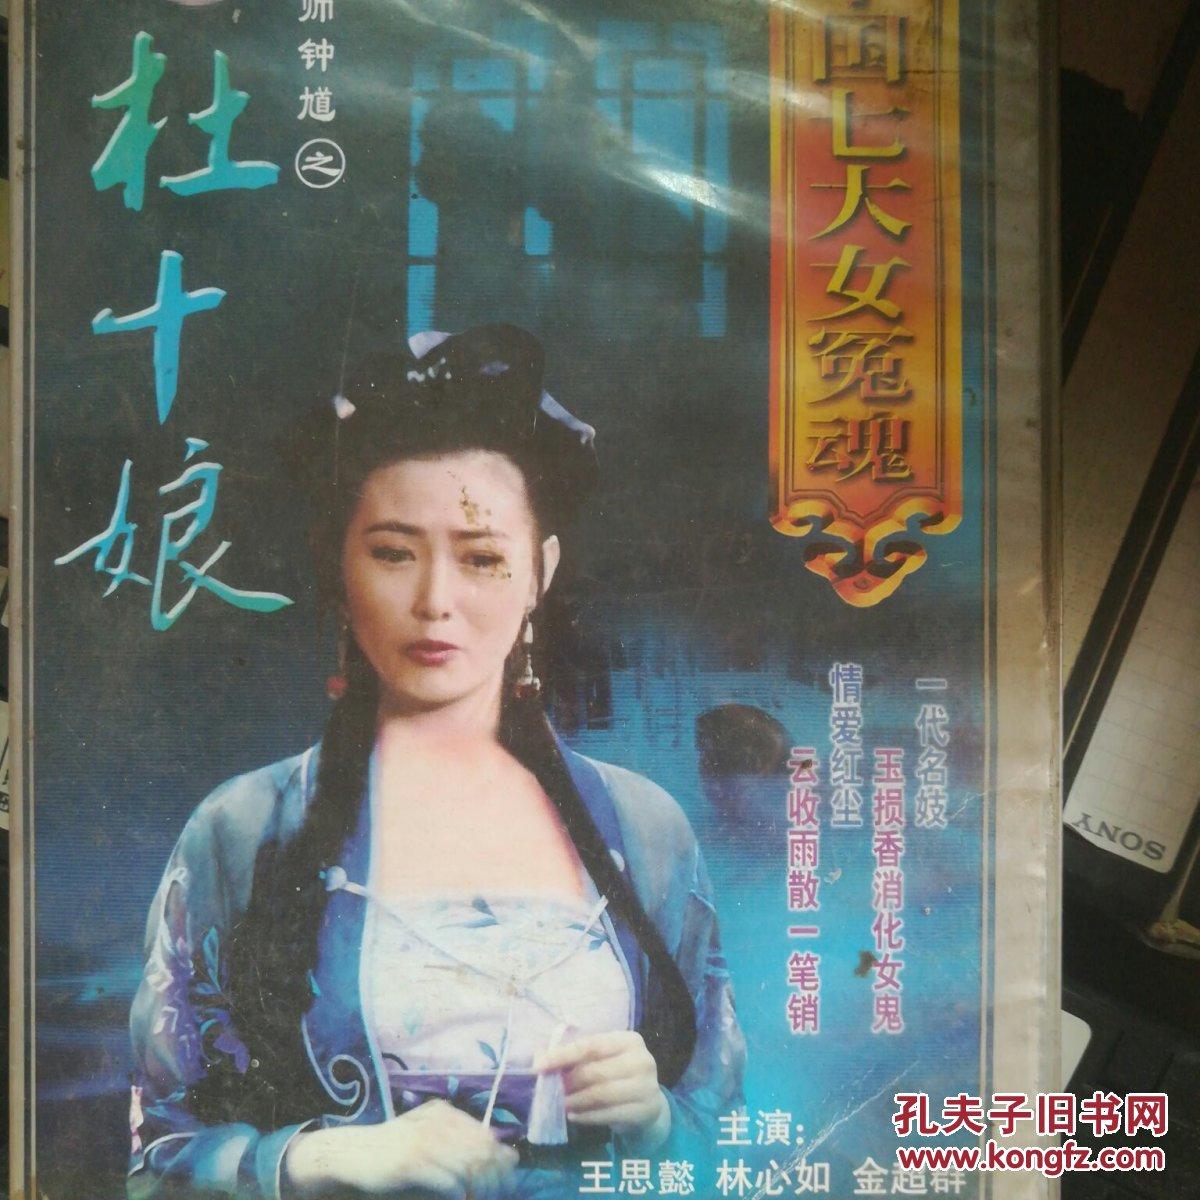 台湾电视剧,杜十娘,8vcd图片